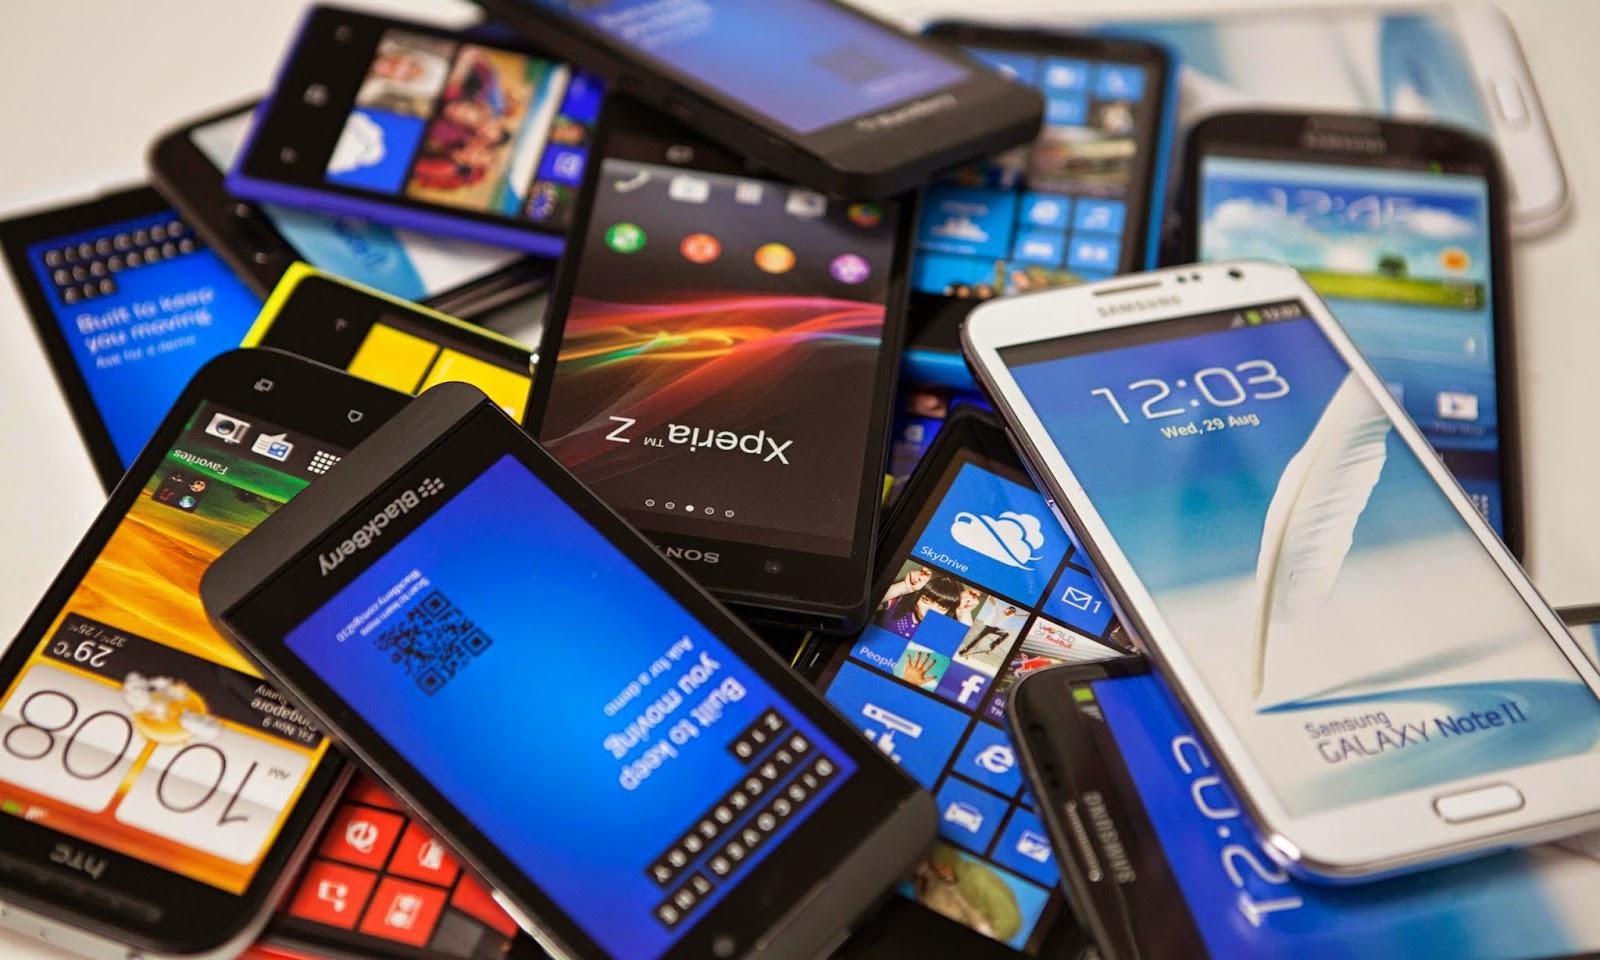 5 desain smartphone android terbaik didunia